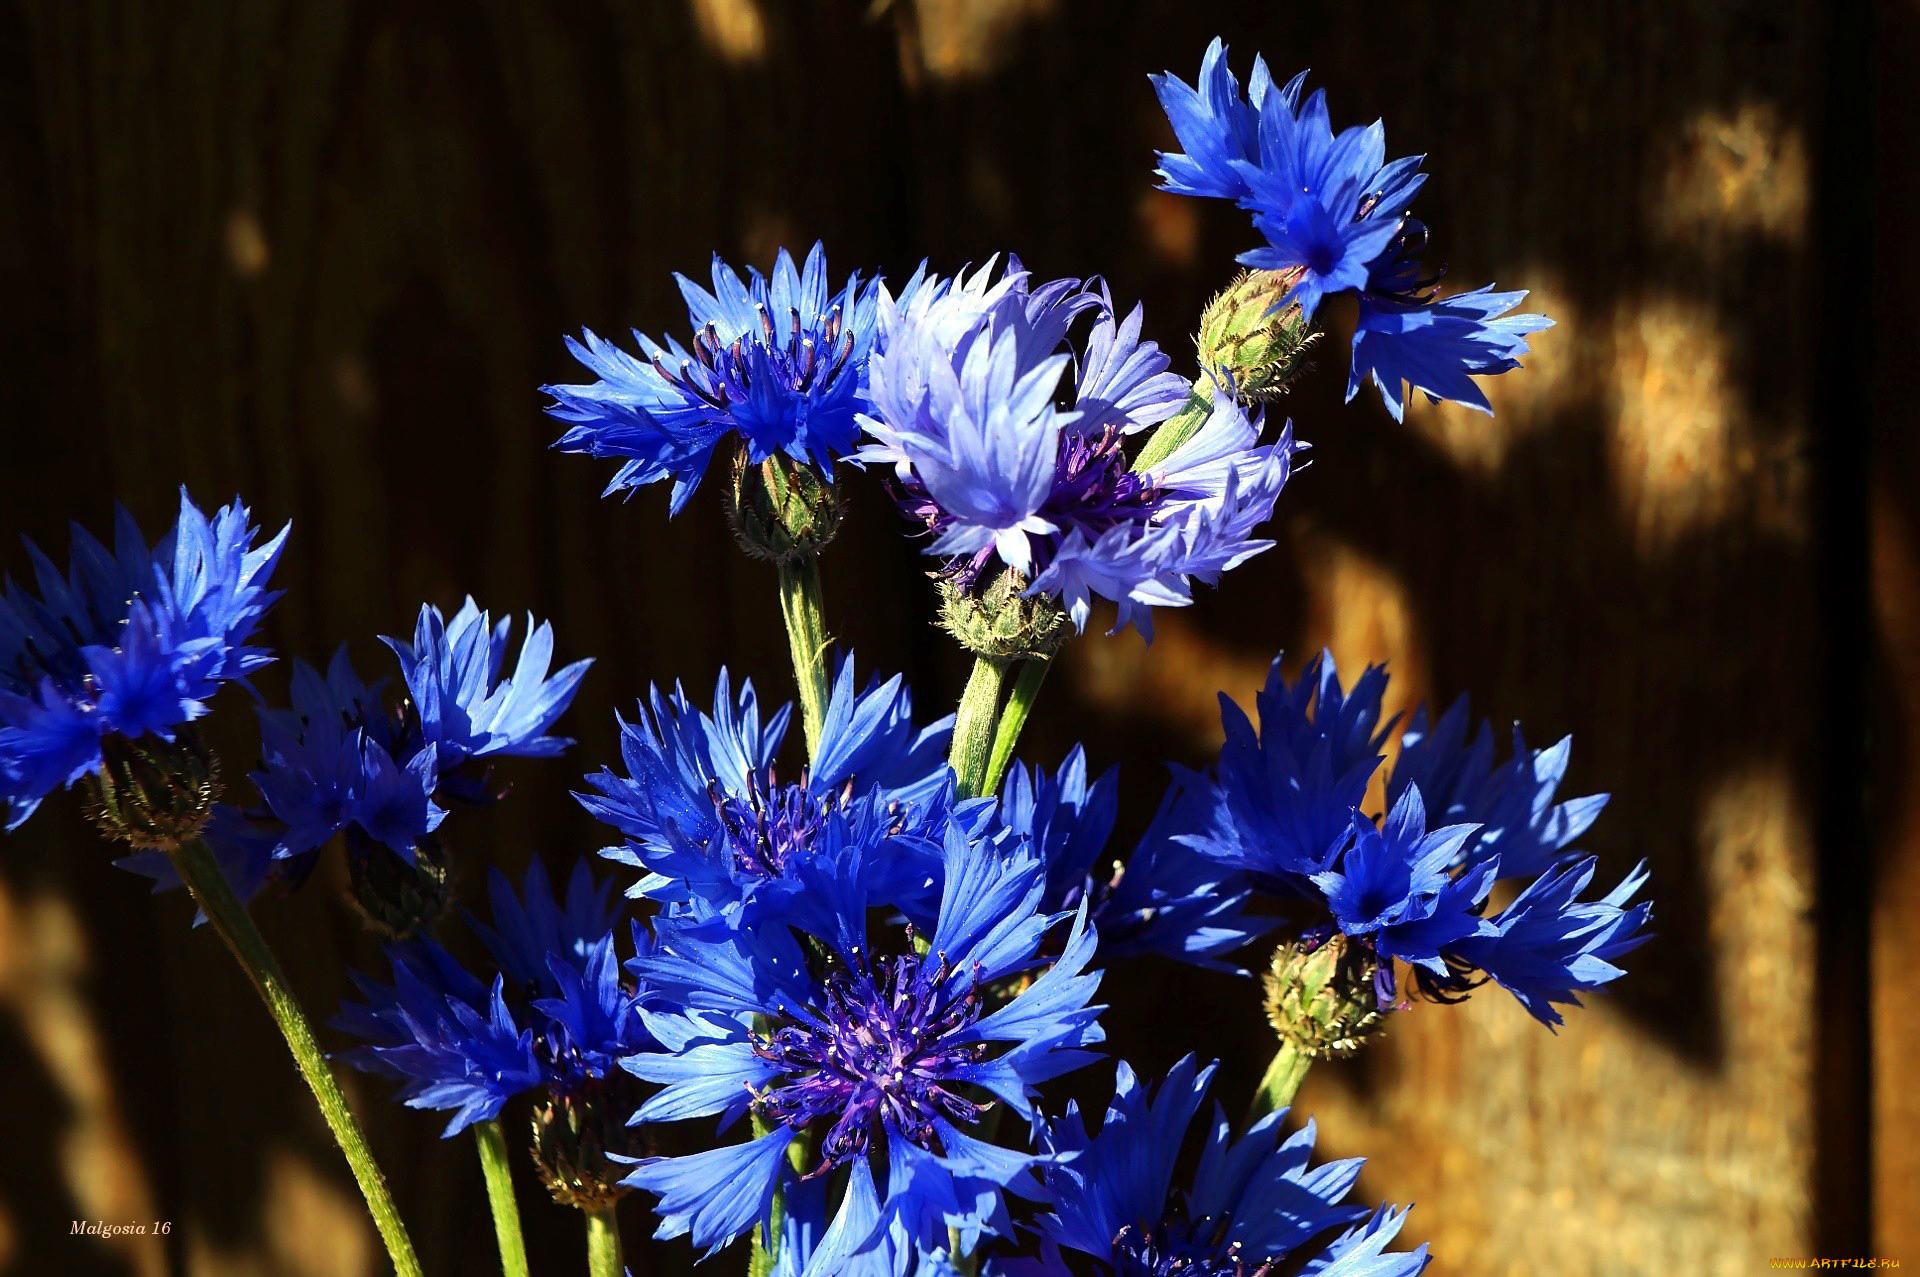 взаимопонимания васильки цветы картинки фото около воды для бань